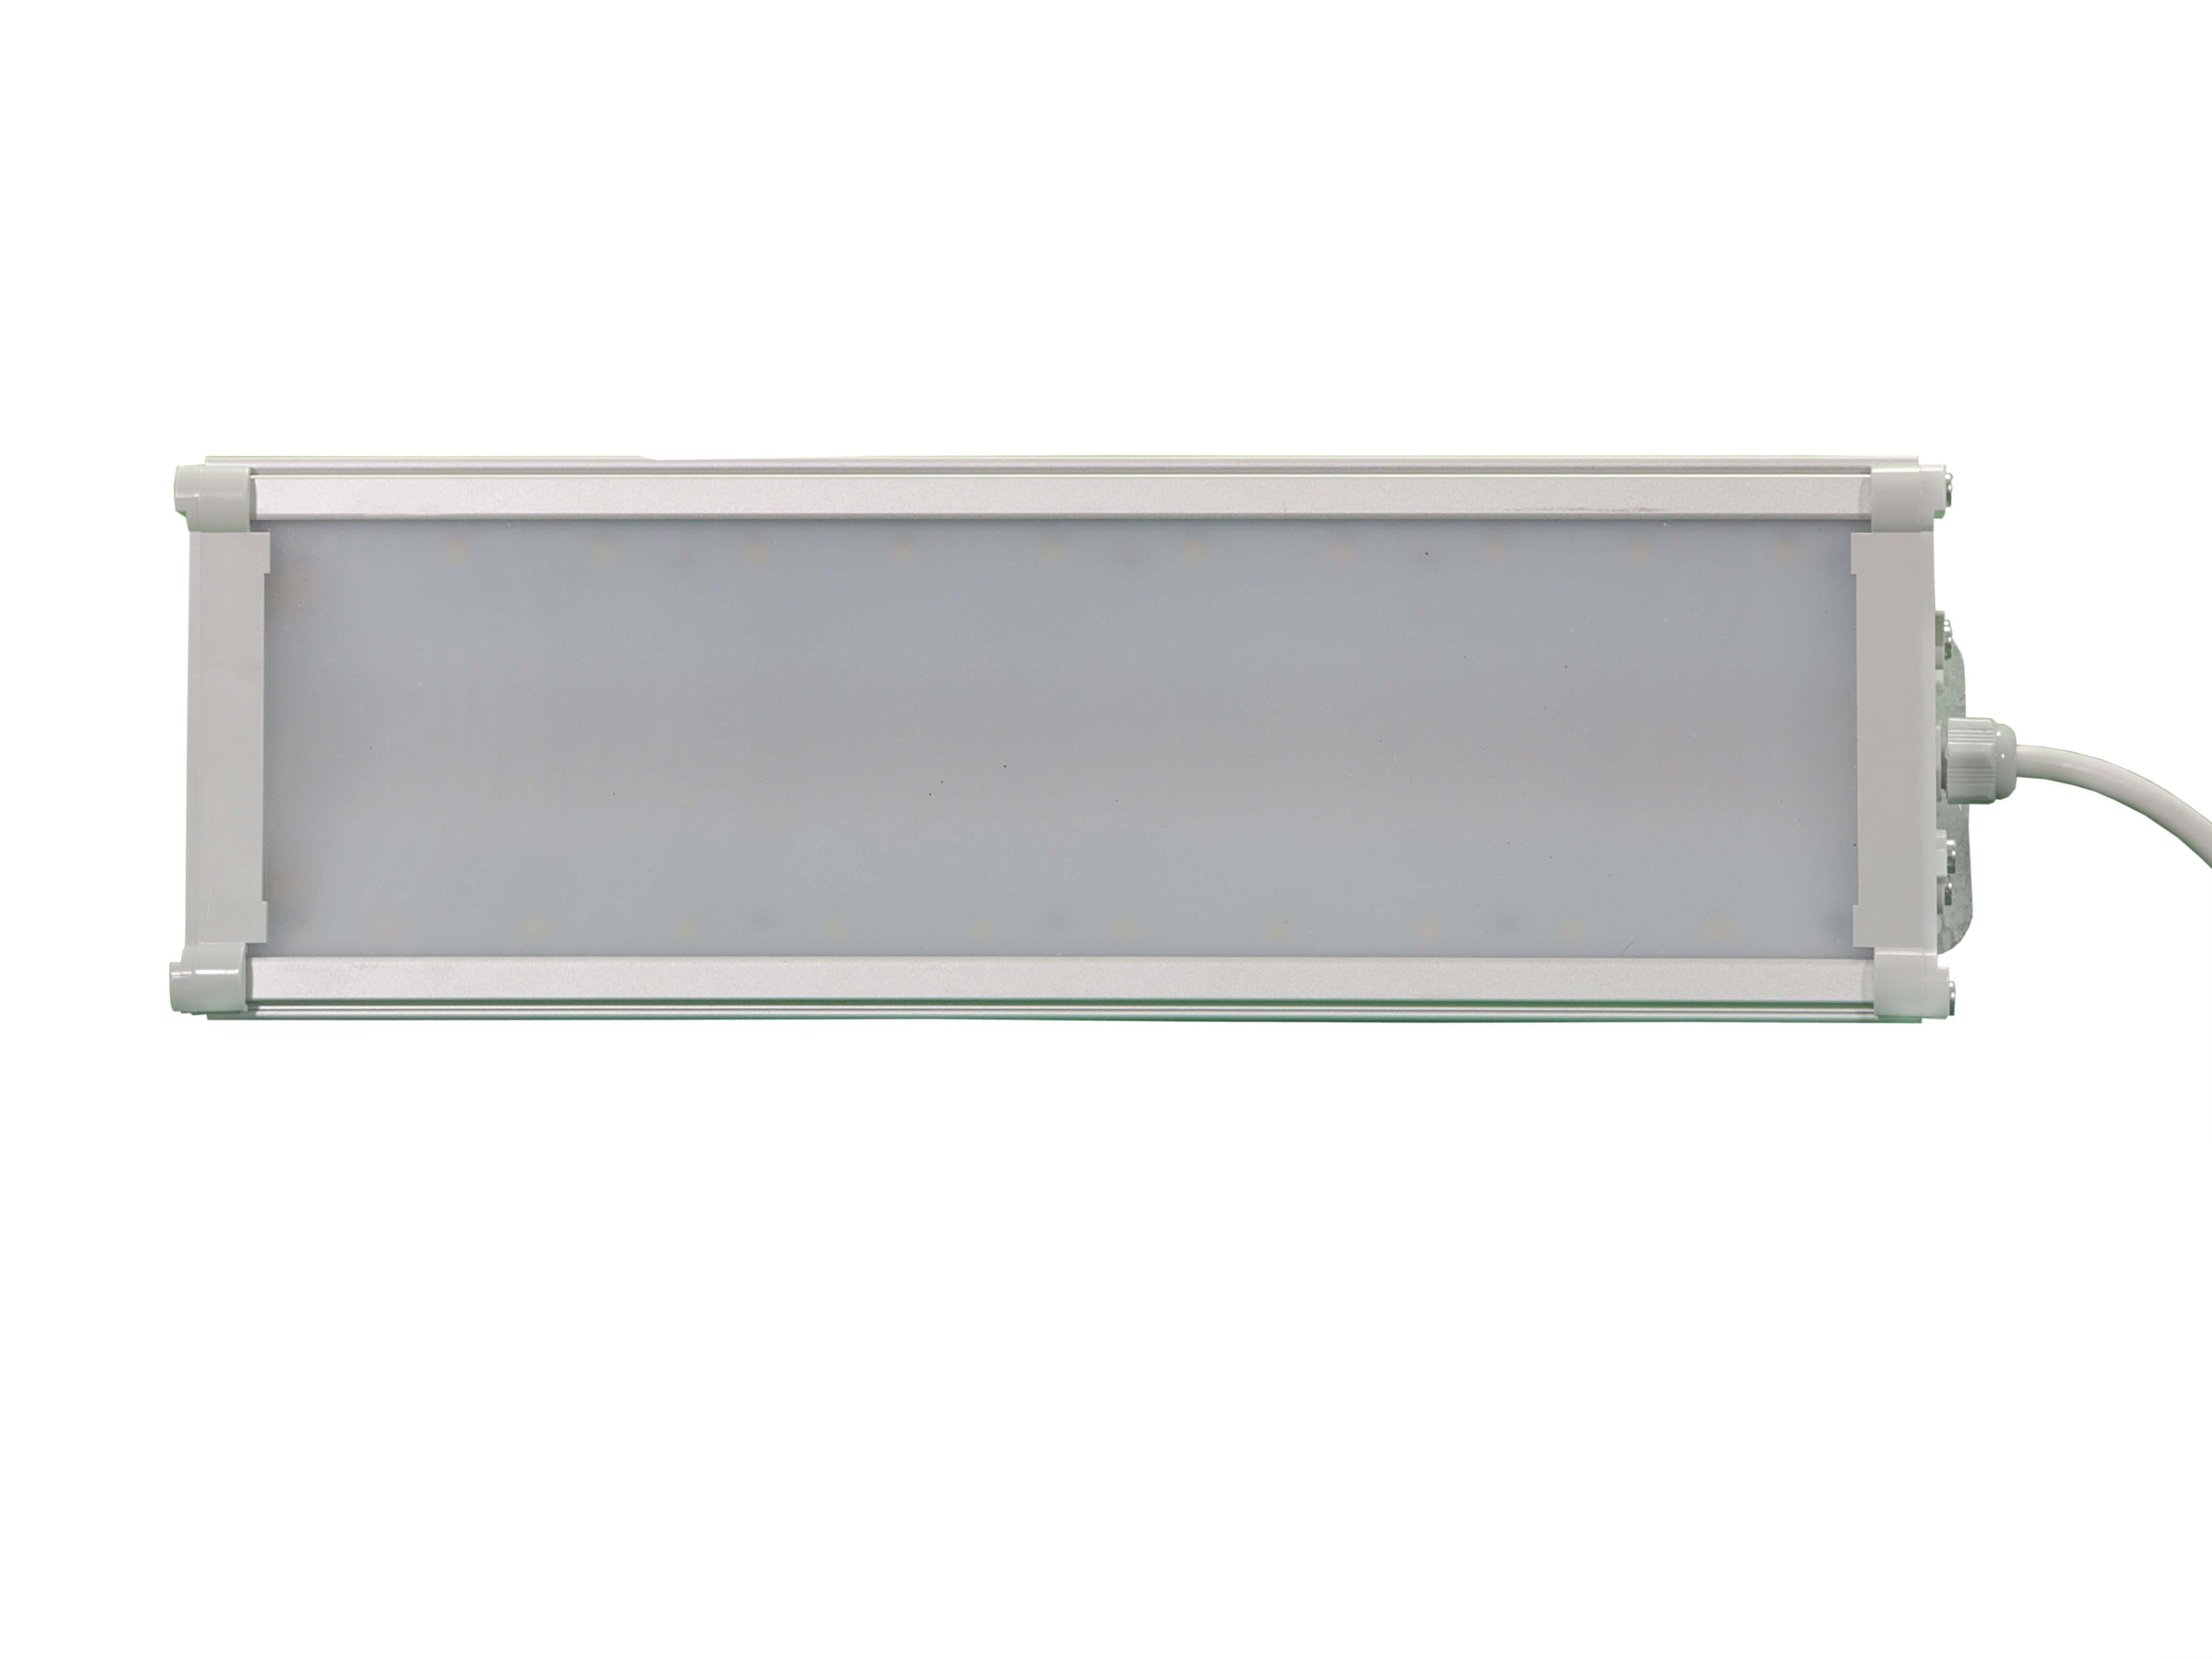 Офисный светодиодный светильник Армстронг Премиум-35 35Вт 4550Лм